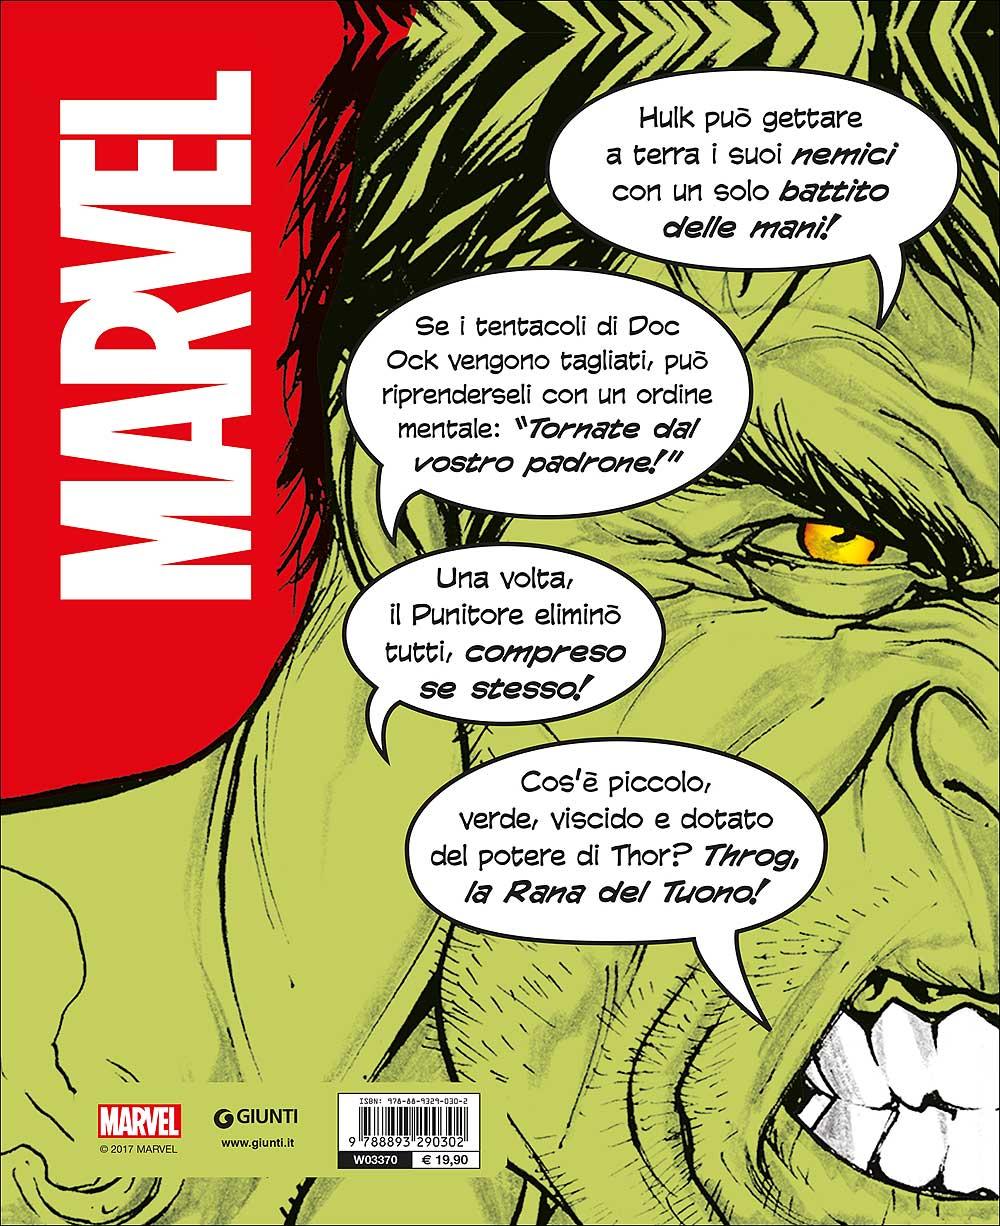 Enciclopedia dei Personaggi - Tutto quello che non sai su Marvel